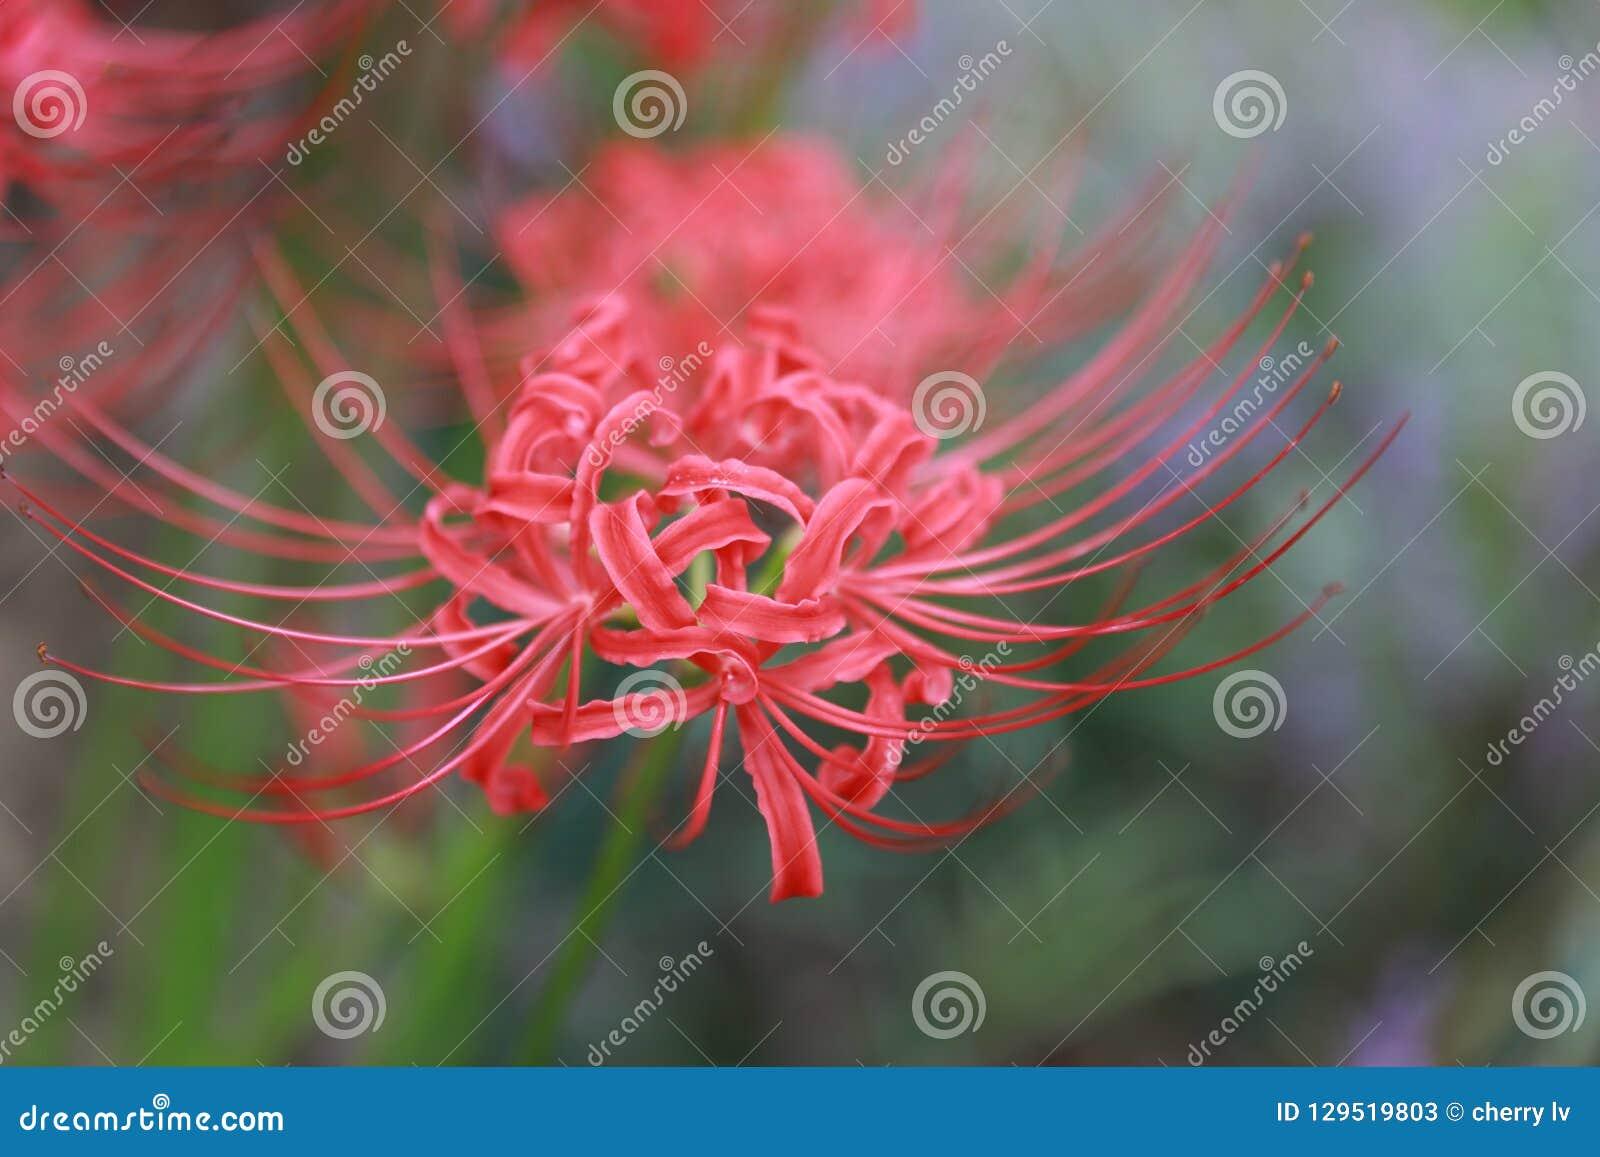 Areia vermelha de Bian Hua Higanbana Cayman do close up da flor, stramonium de Mandara do estramônio dos grânulos exterior em um